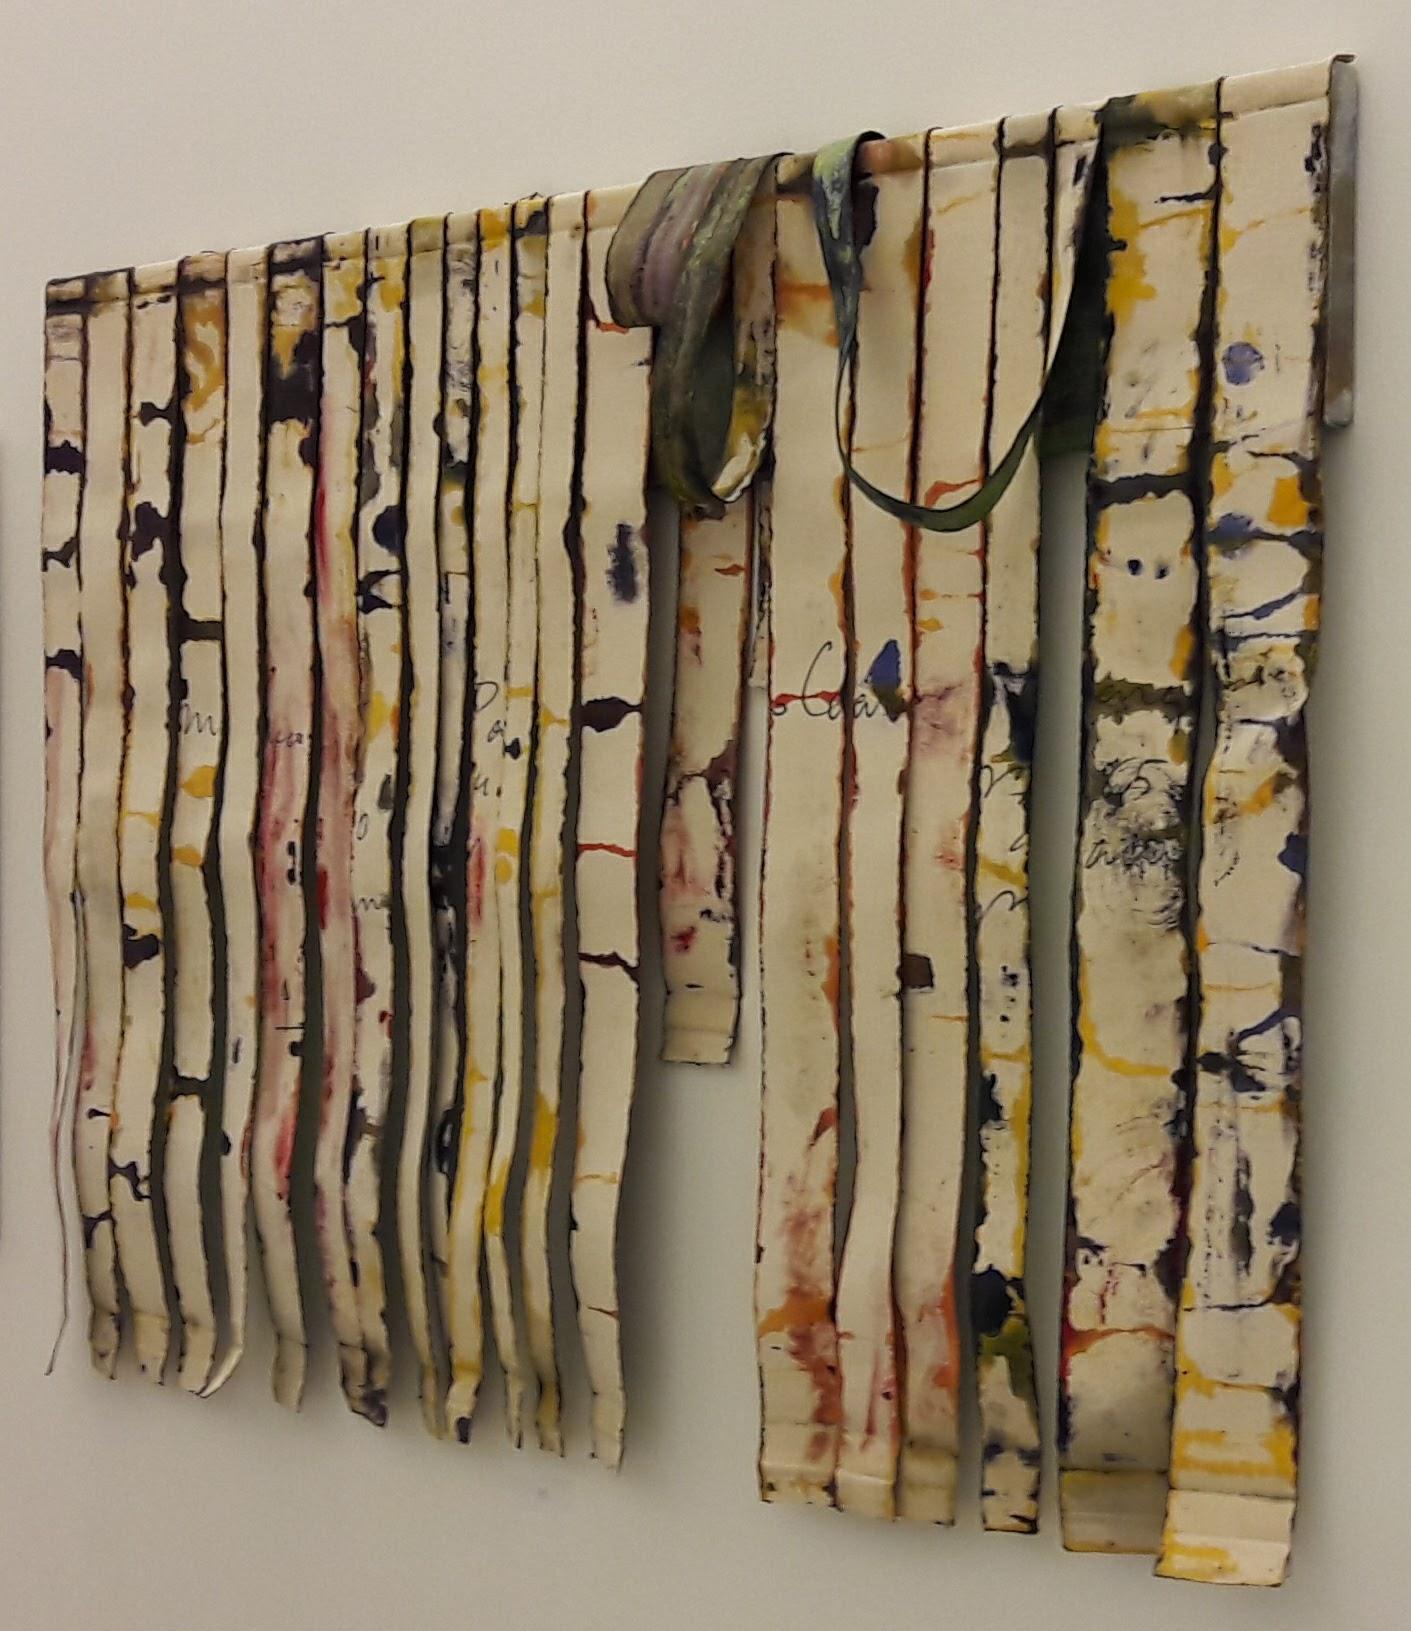 O artista sai do tamanho convencional das telas para criar novos formatos para a pintura